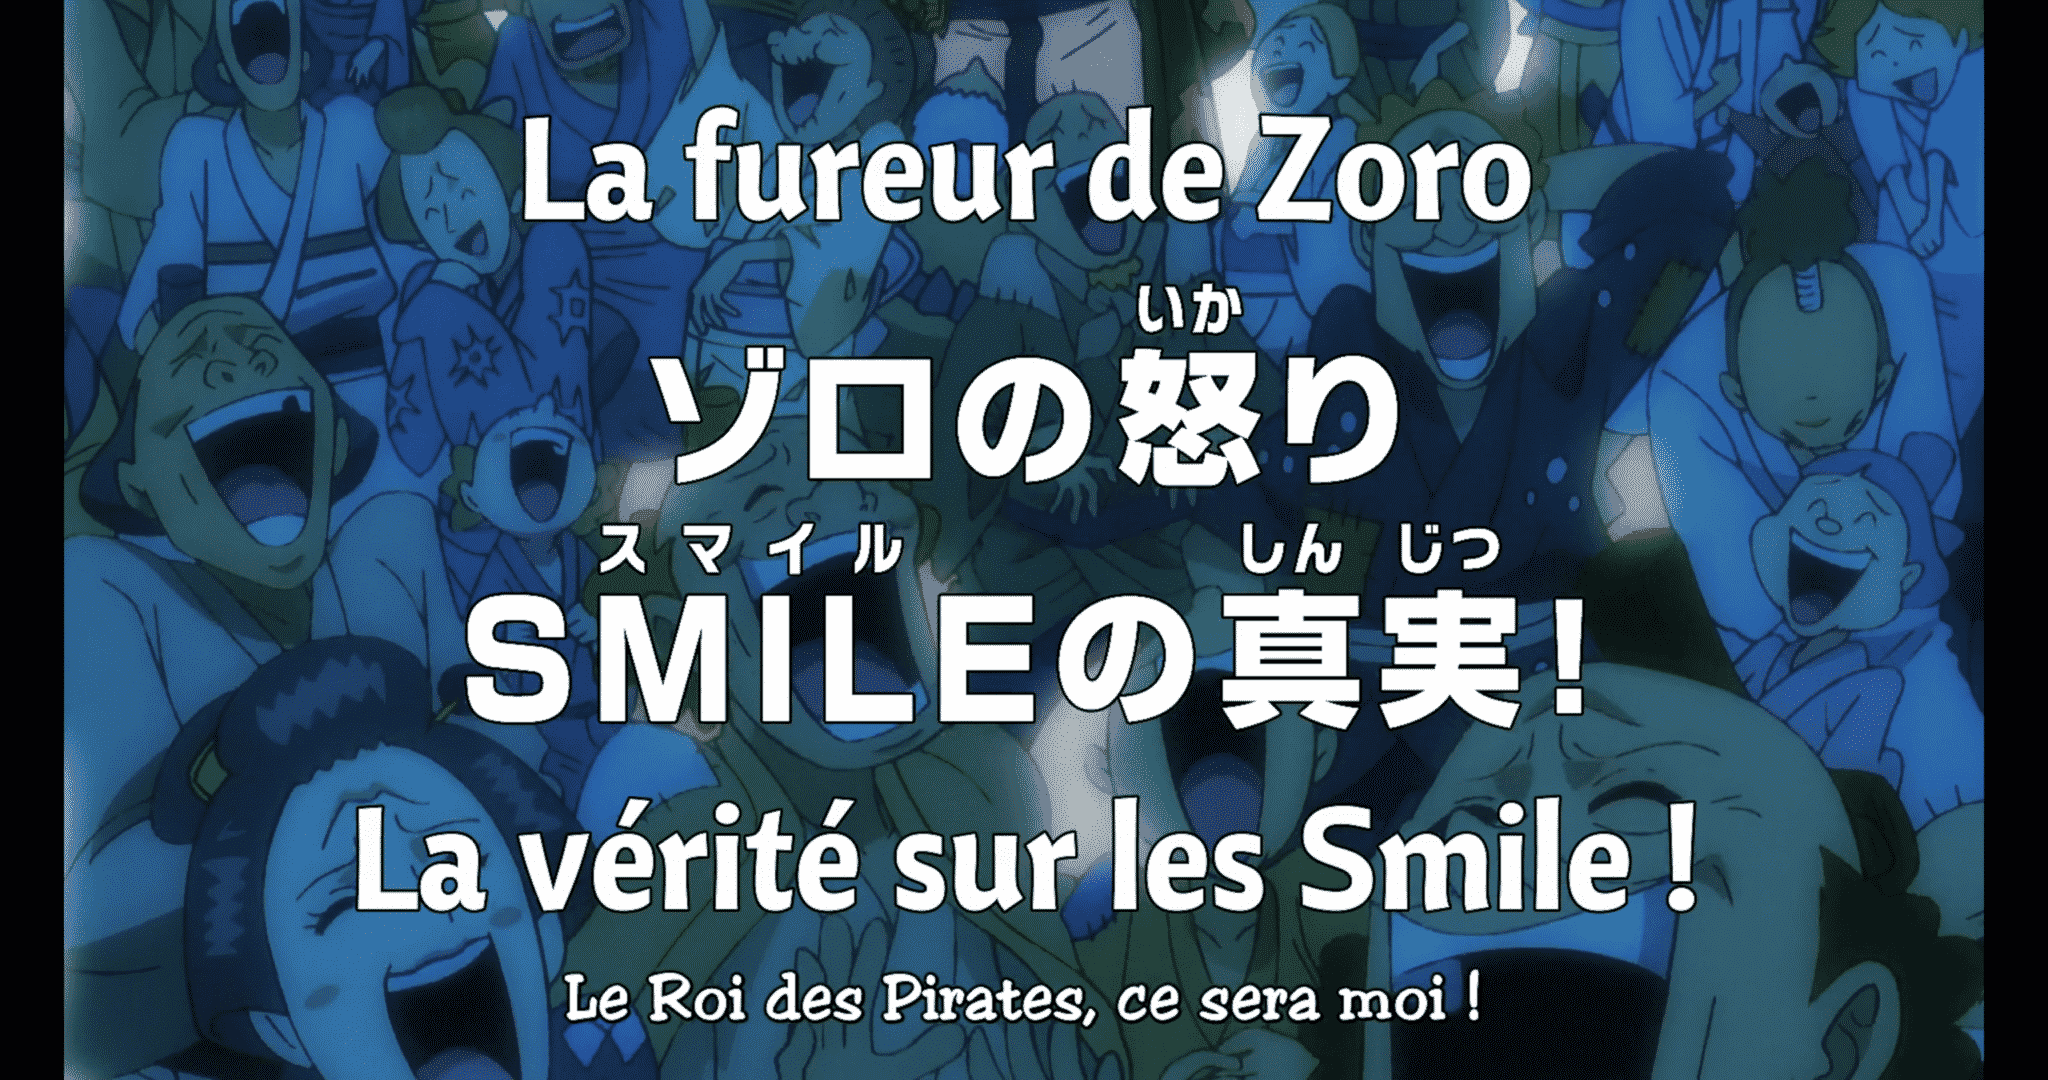 One piece 940 vostfr - La fureur de Zoro - La vérité sur les Smile ! 16